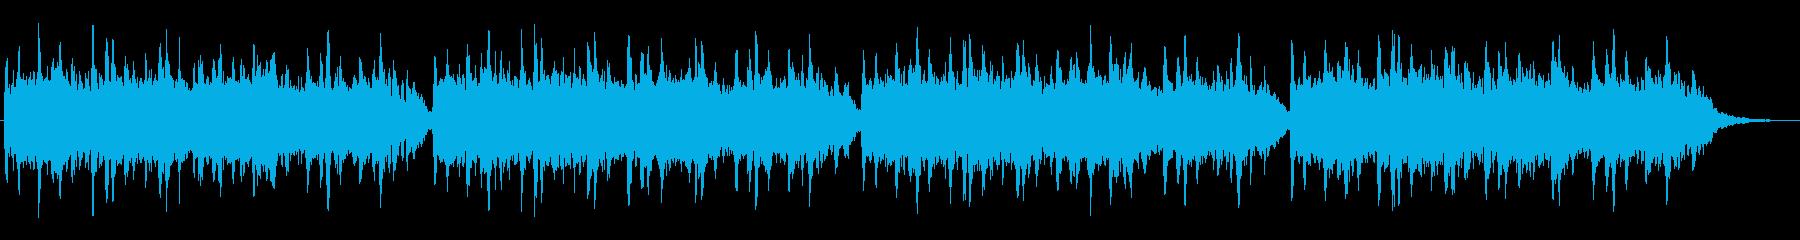 エンヤ風のシンセが特徴的なジングルの再生済みの波形